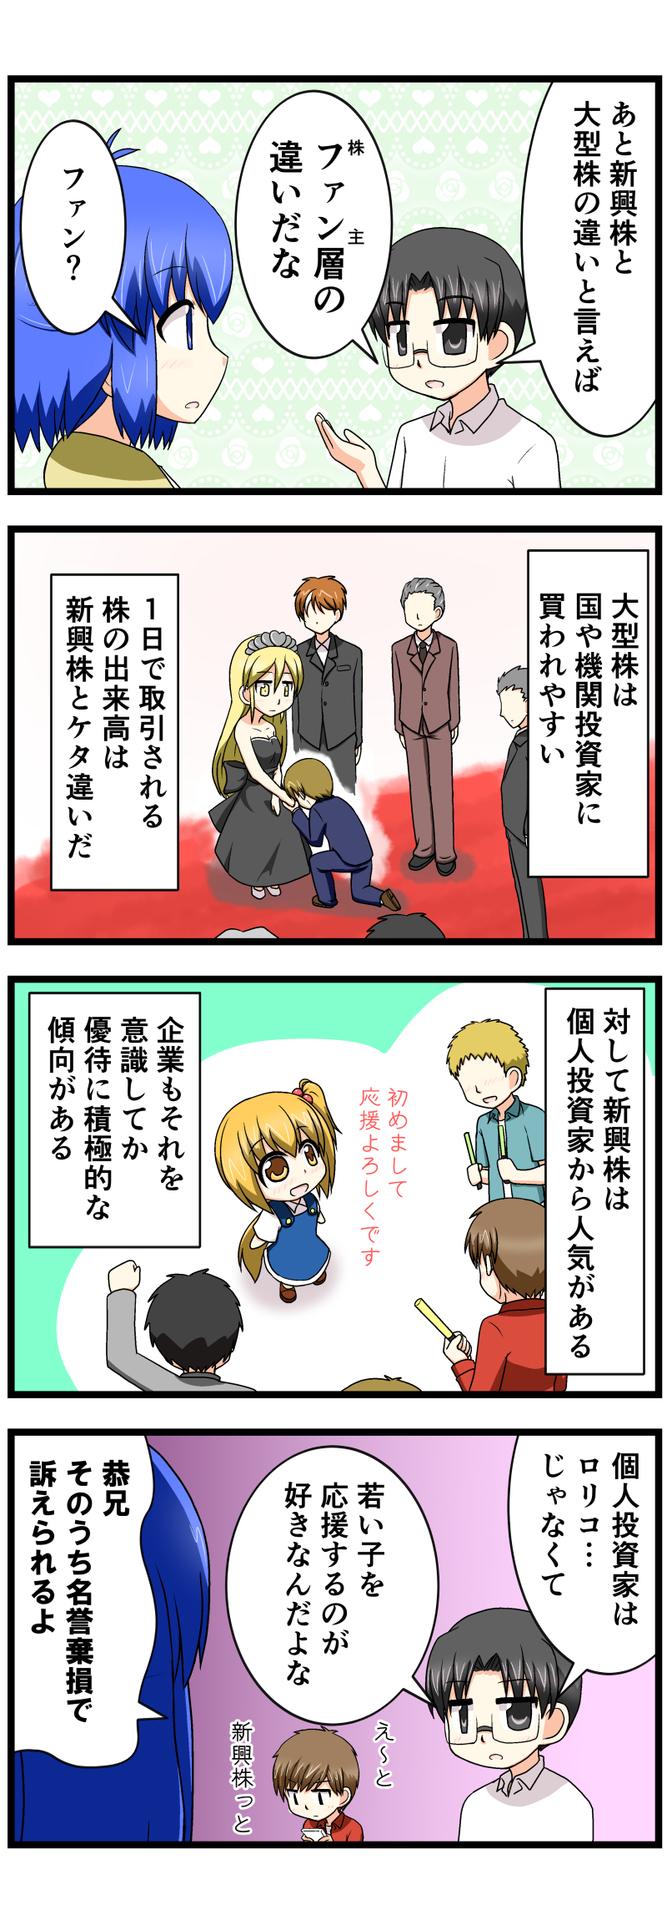 萌える株セミナー63.jpg